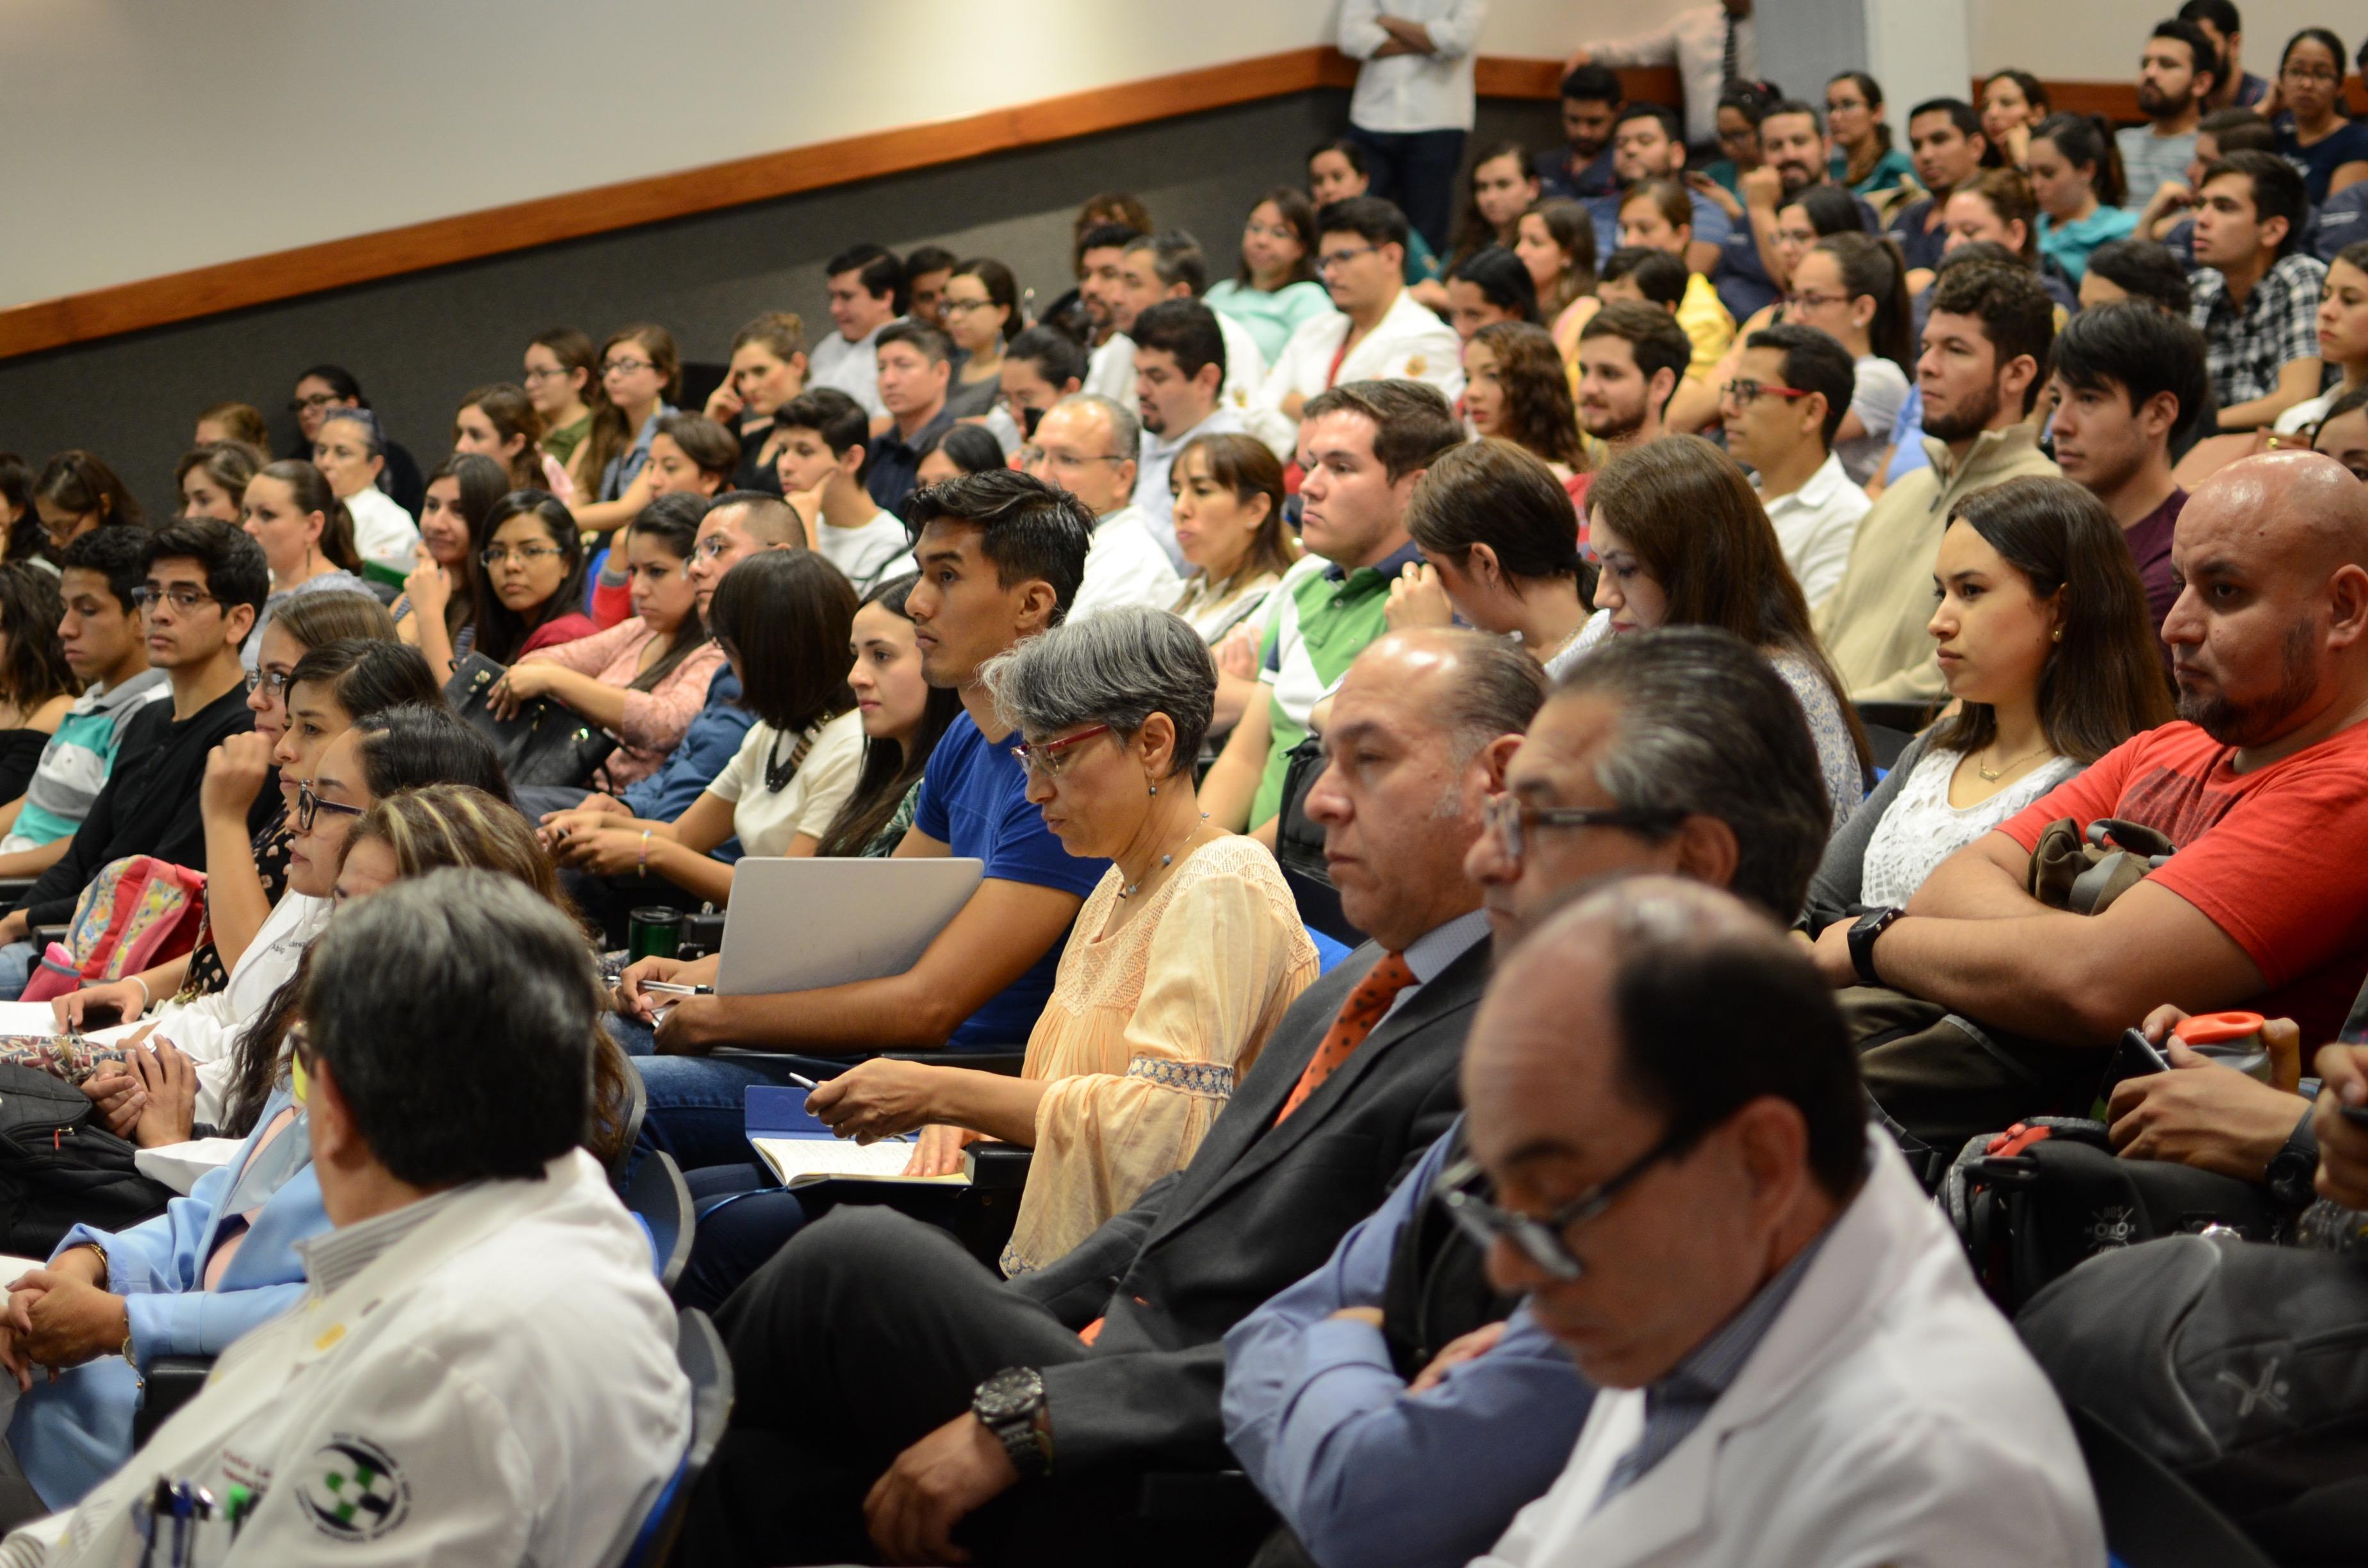 Asistentes al evento, el auditorio luce lleno